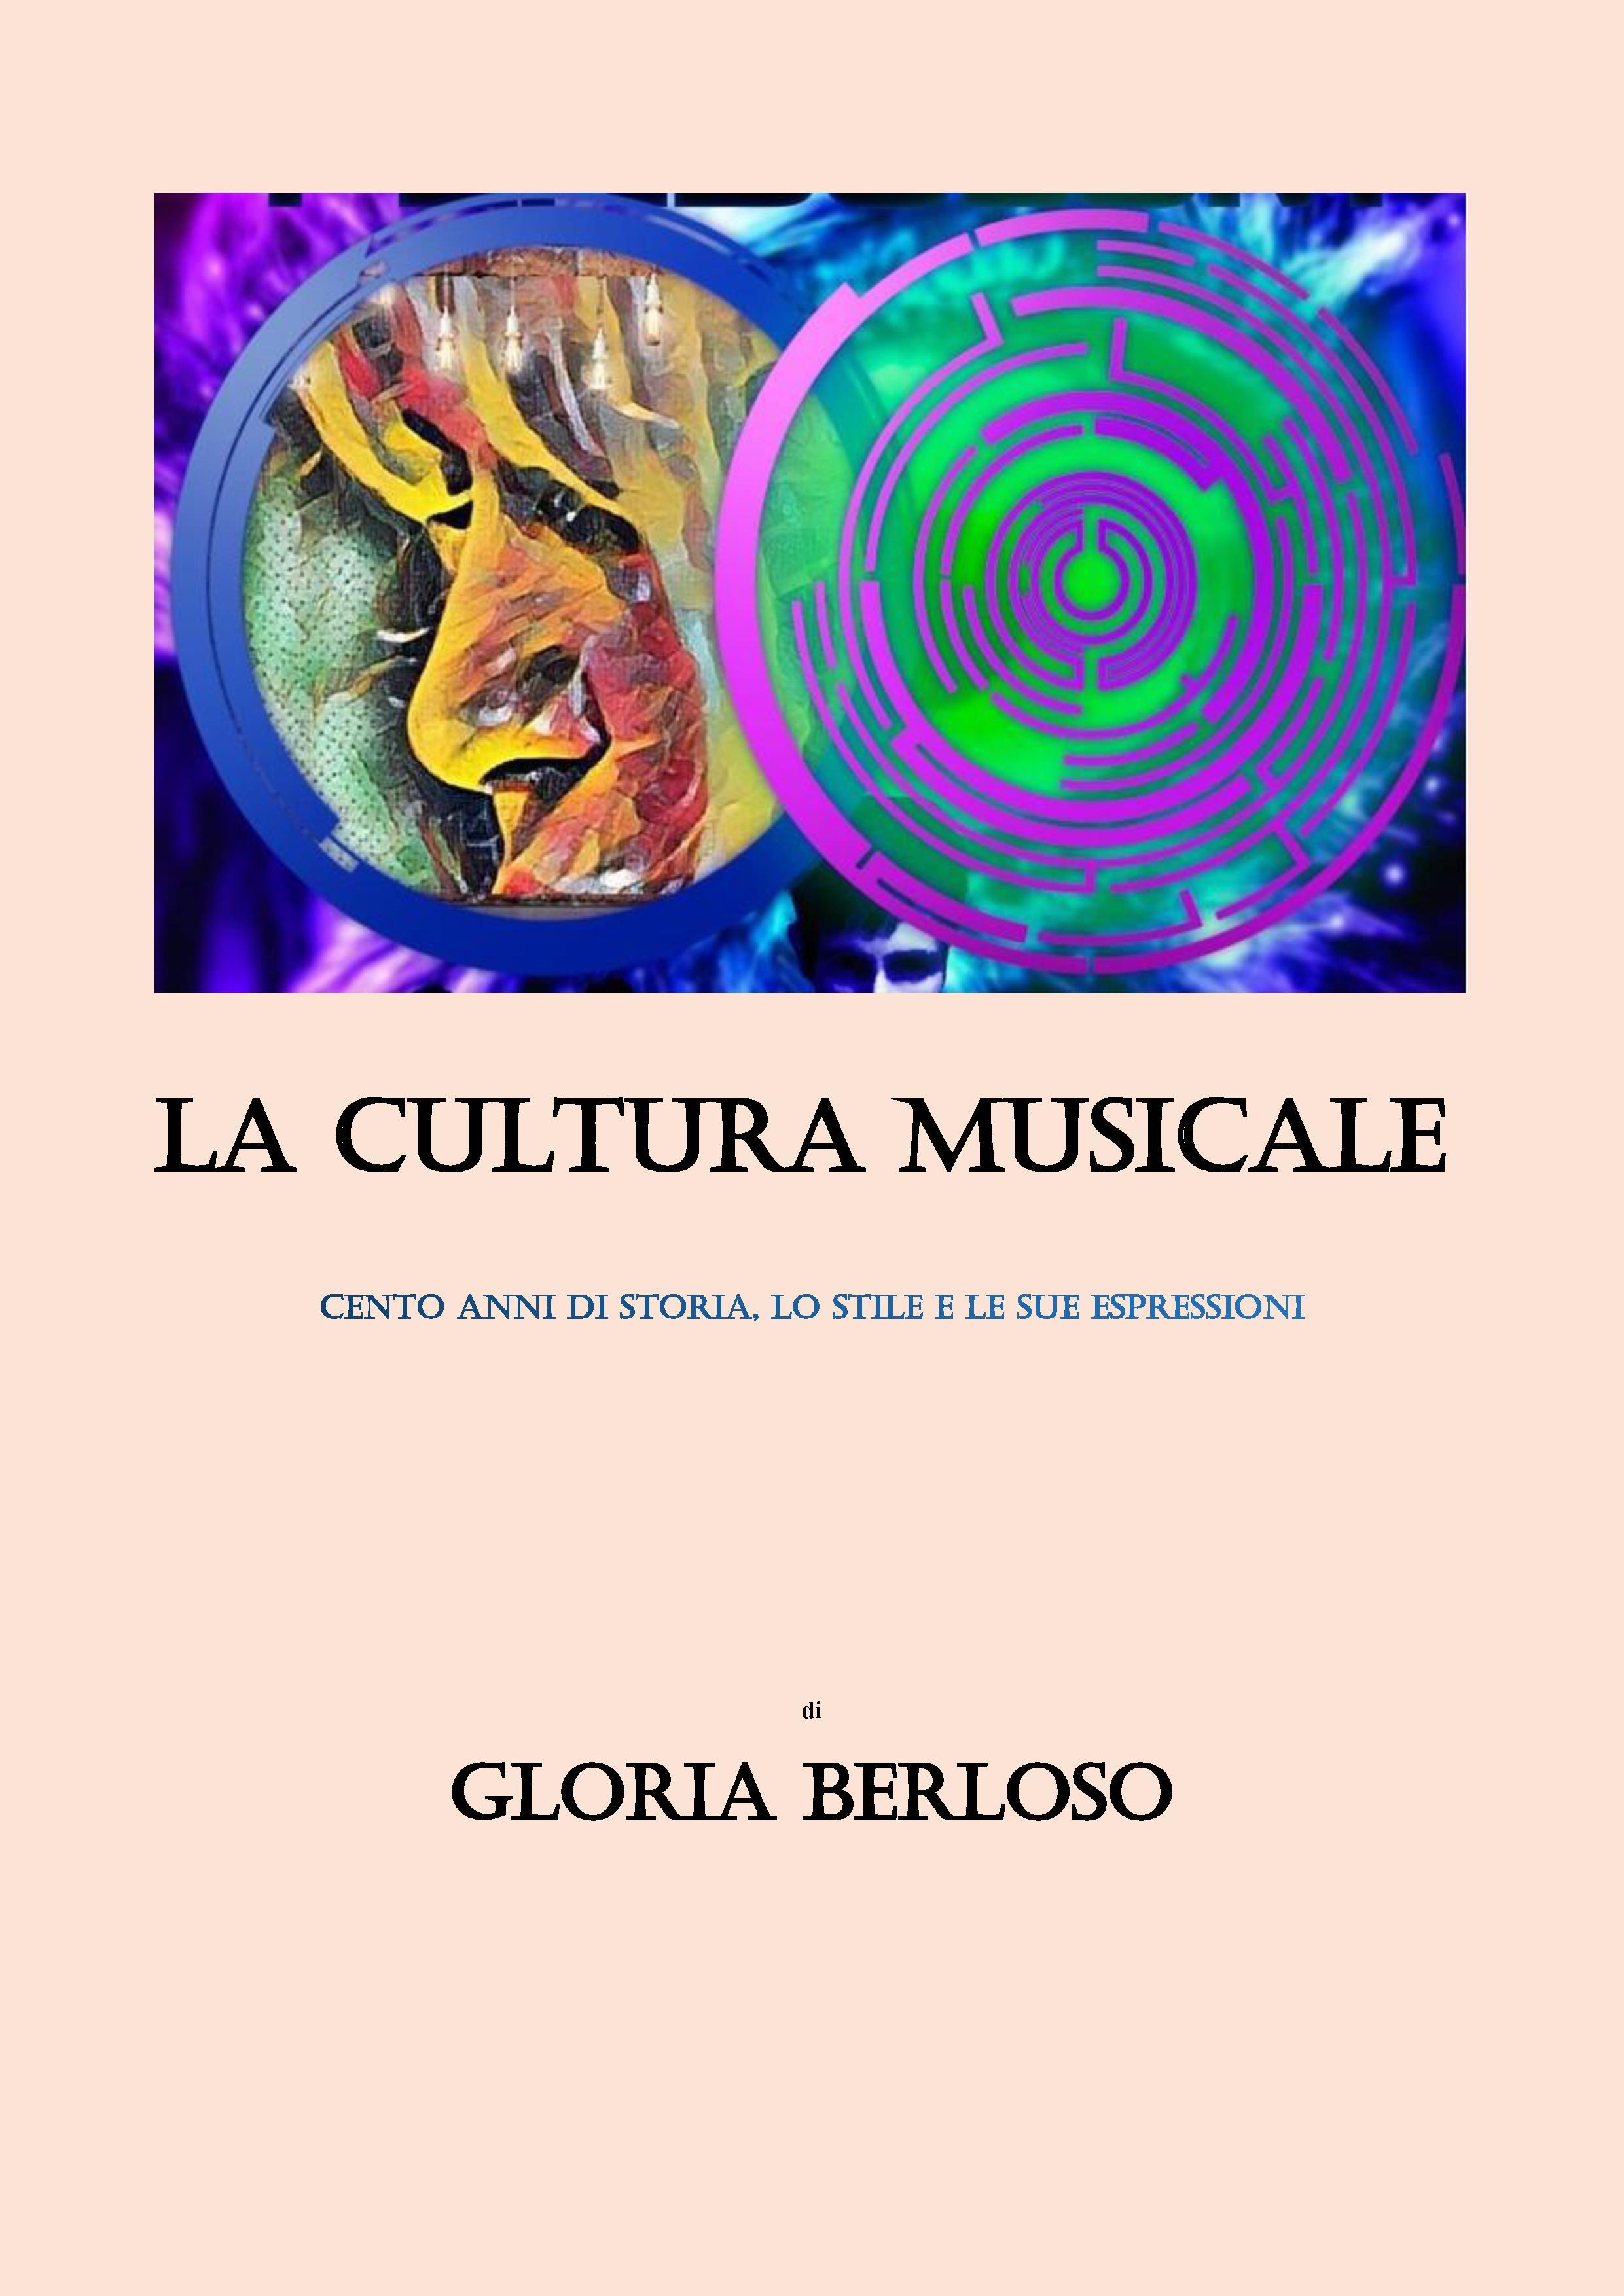 La Cultura Musicale